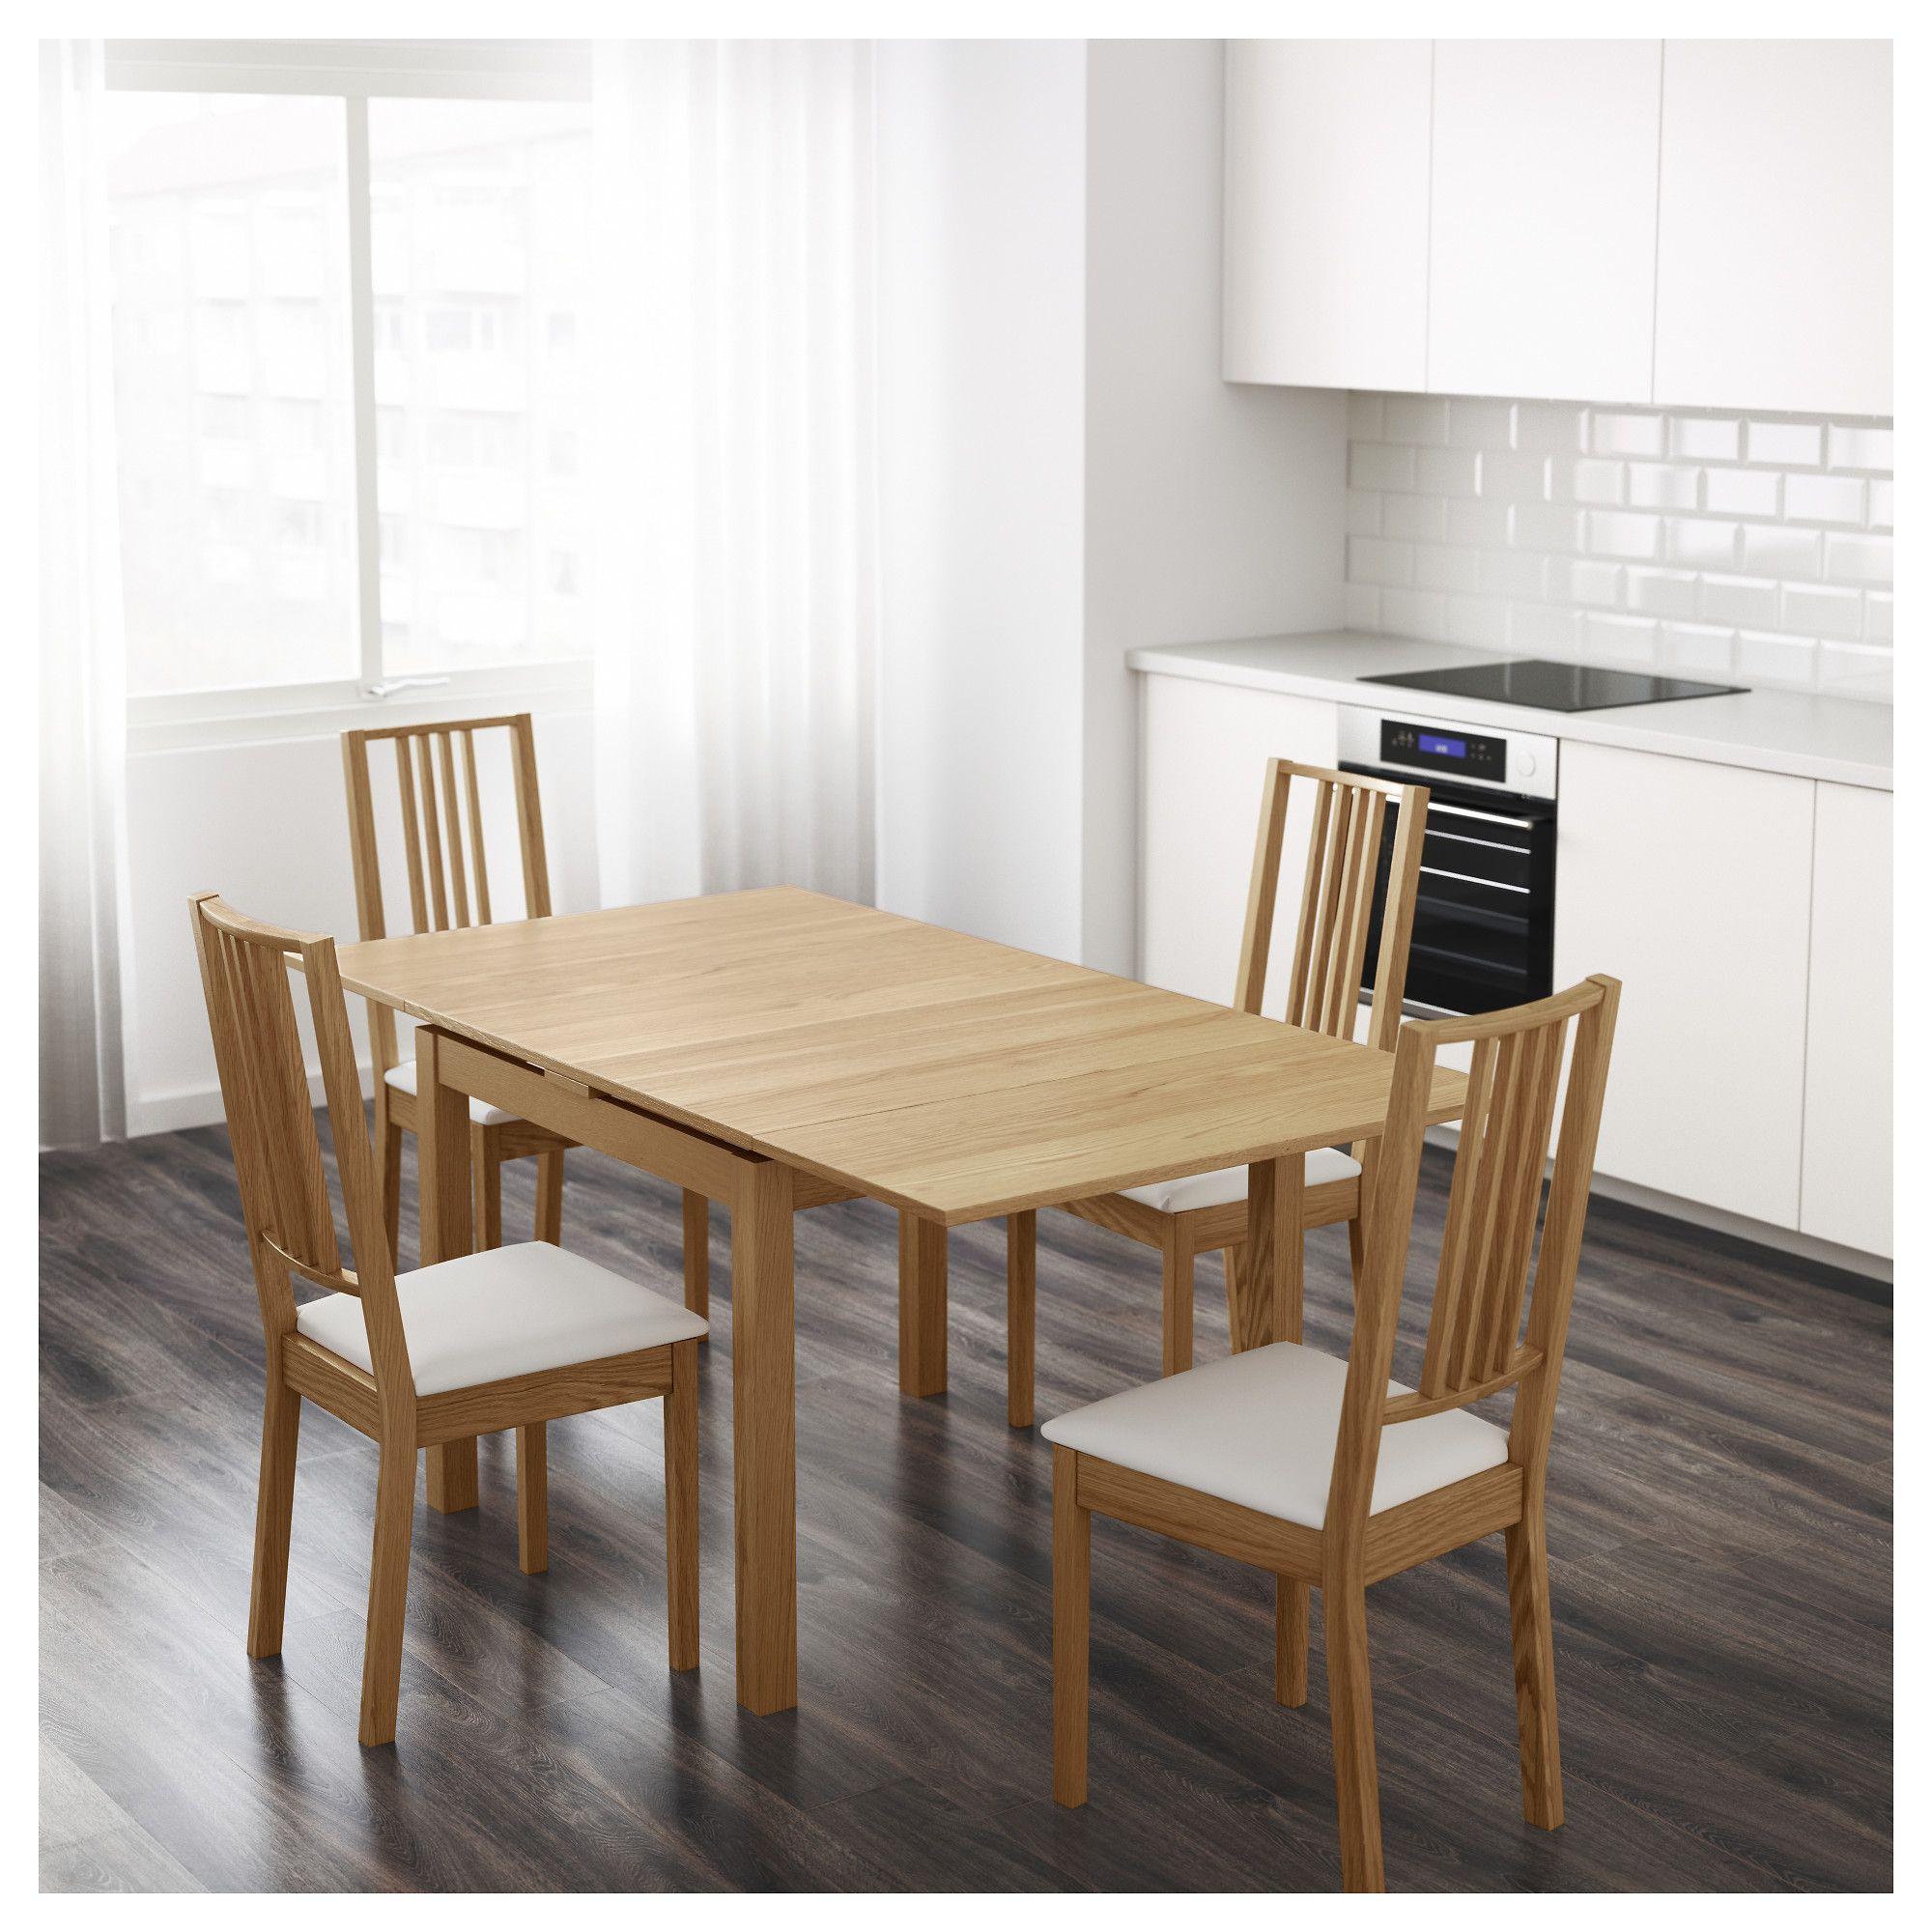 Small round kitchen table  BJURSTA Extendable table Oak veneer IKEA  delli coffee  Pinterest